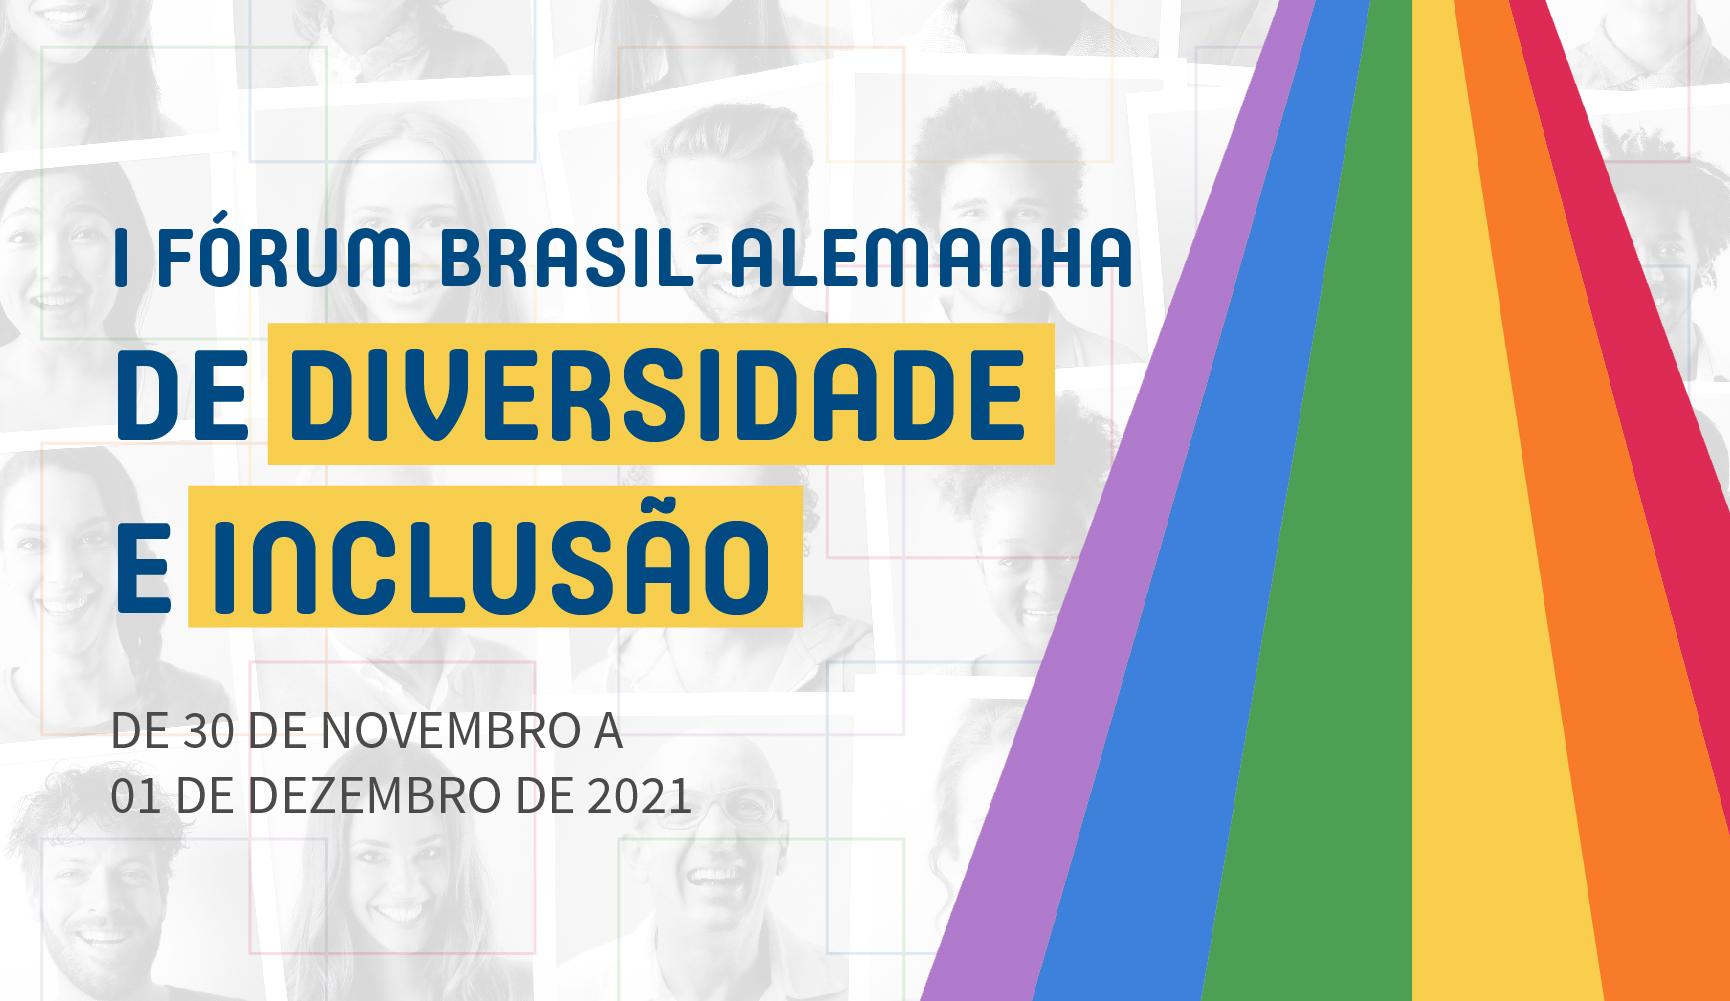 SAVE THE DATE: I Fórum Brasil-Alemanha de Diversidade e Inclusão